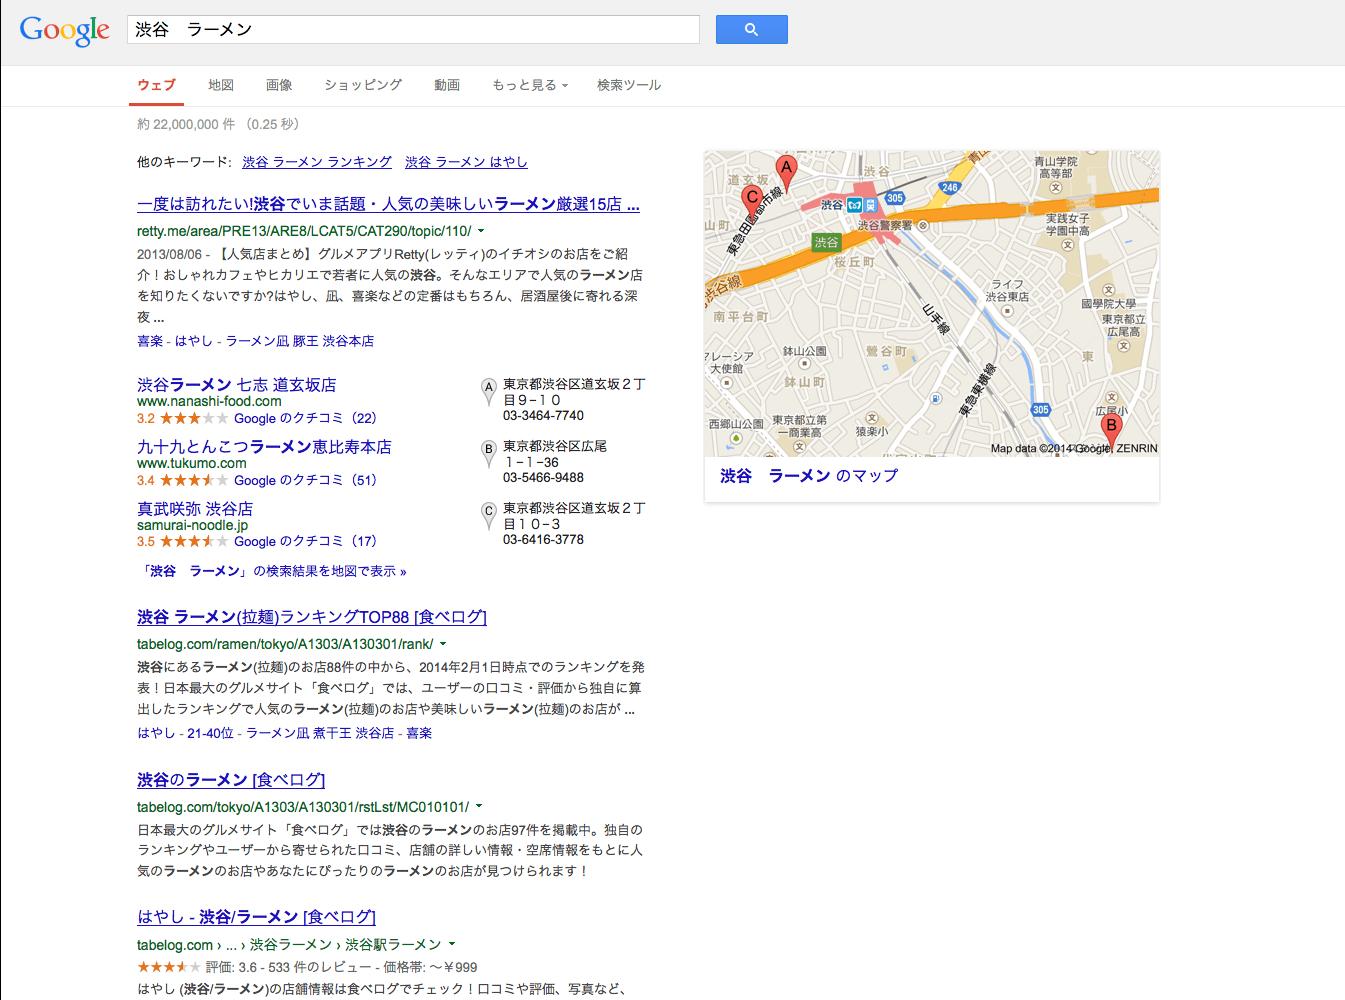 渋谷ラーメンの検索結果